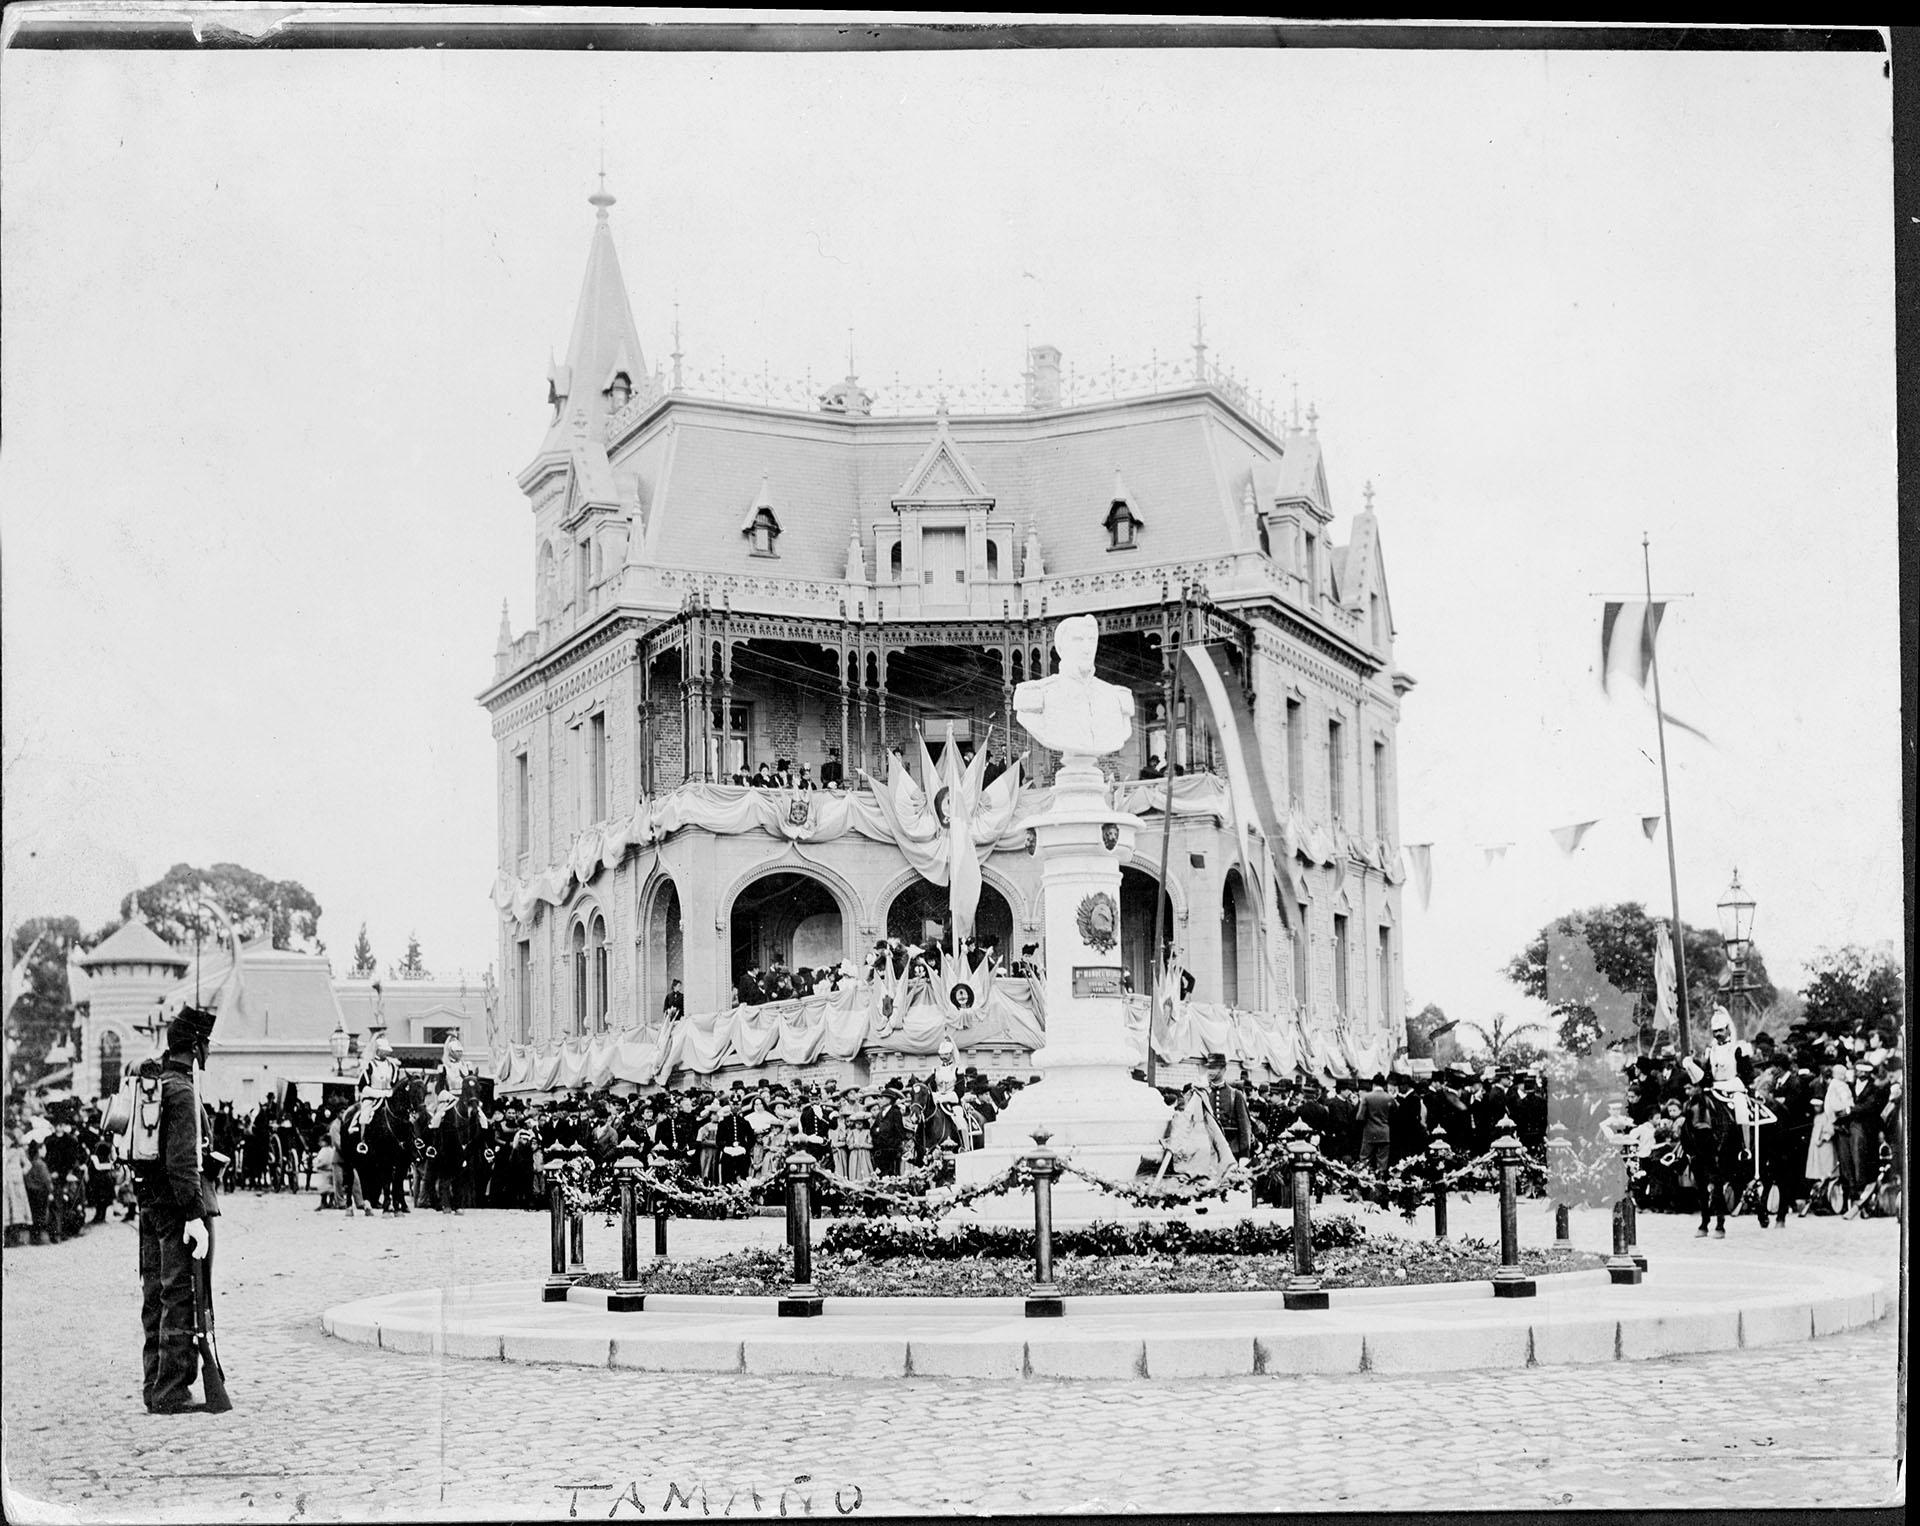 Monumento a Belgrano realizado por es escultor Luis Fontana, ubicado en 11 de septiembre y Echeverría (Barrio de Belgrano, Capital). El palacio que se ve detrás pertenecía a Antonio Santa María, donante del monumento (Archivo General de la Nación)